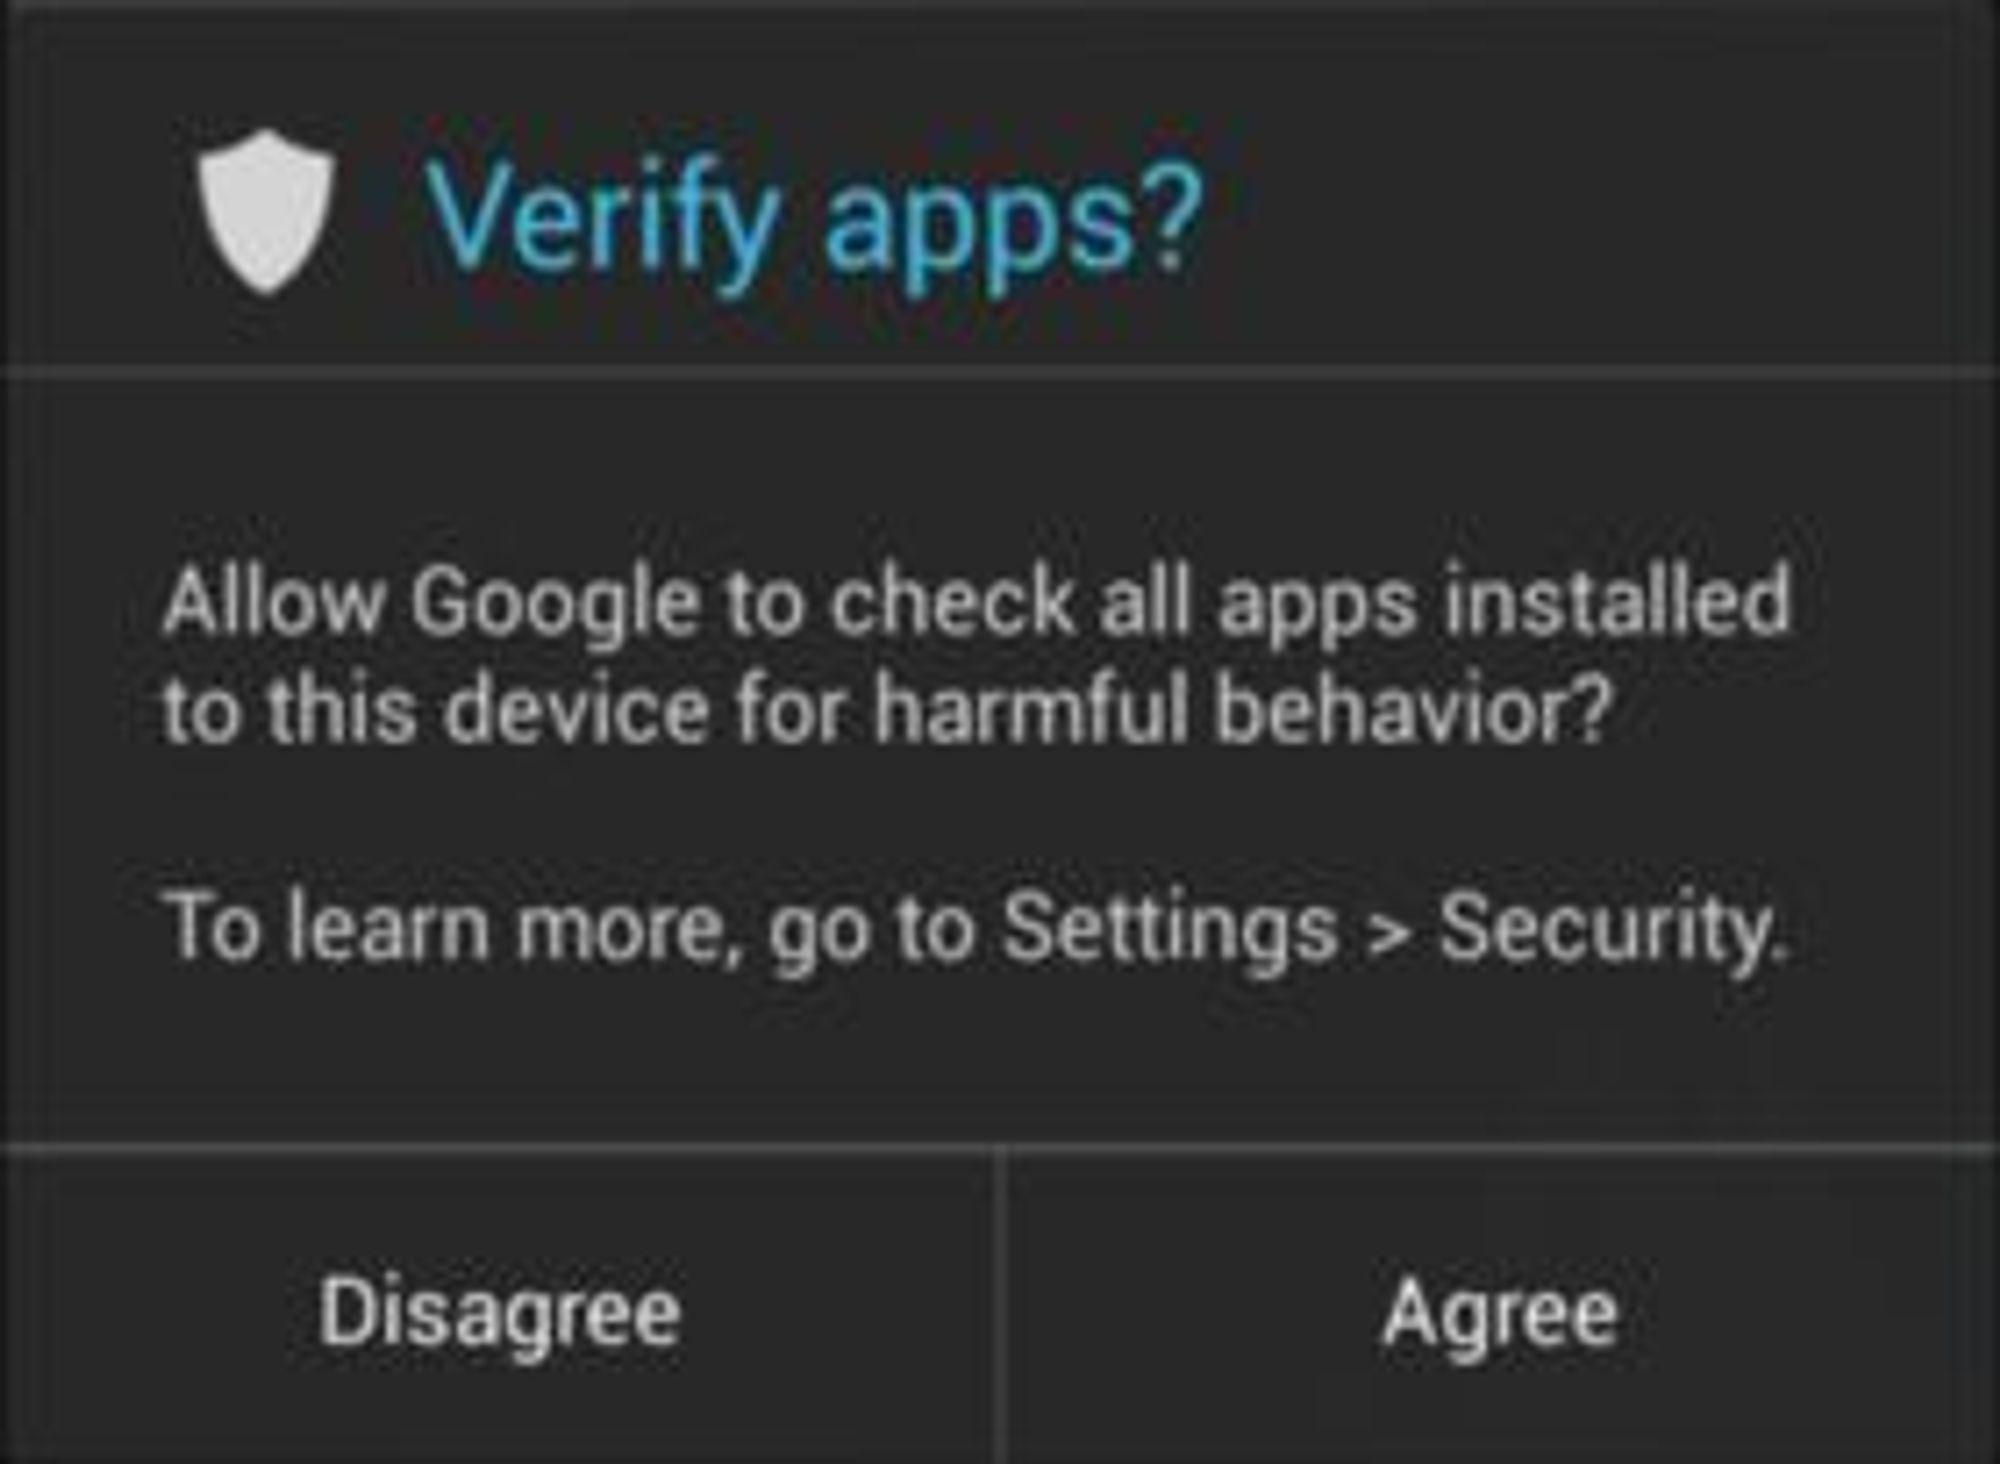 Android 4.2 spør brukeren om applikasjoner skal kontrolleres, dersom de installeres fra andre kilder enn Google Play Store.